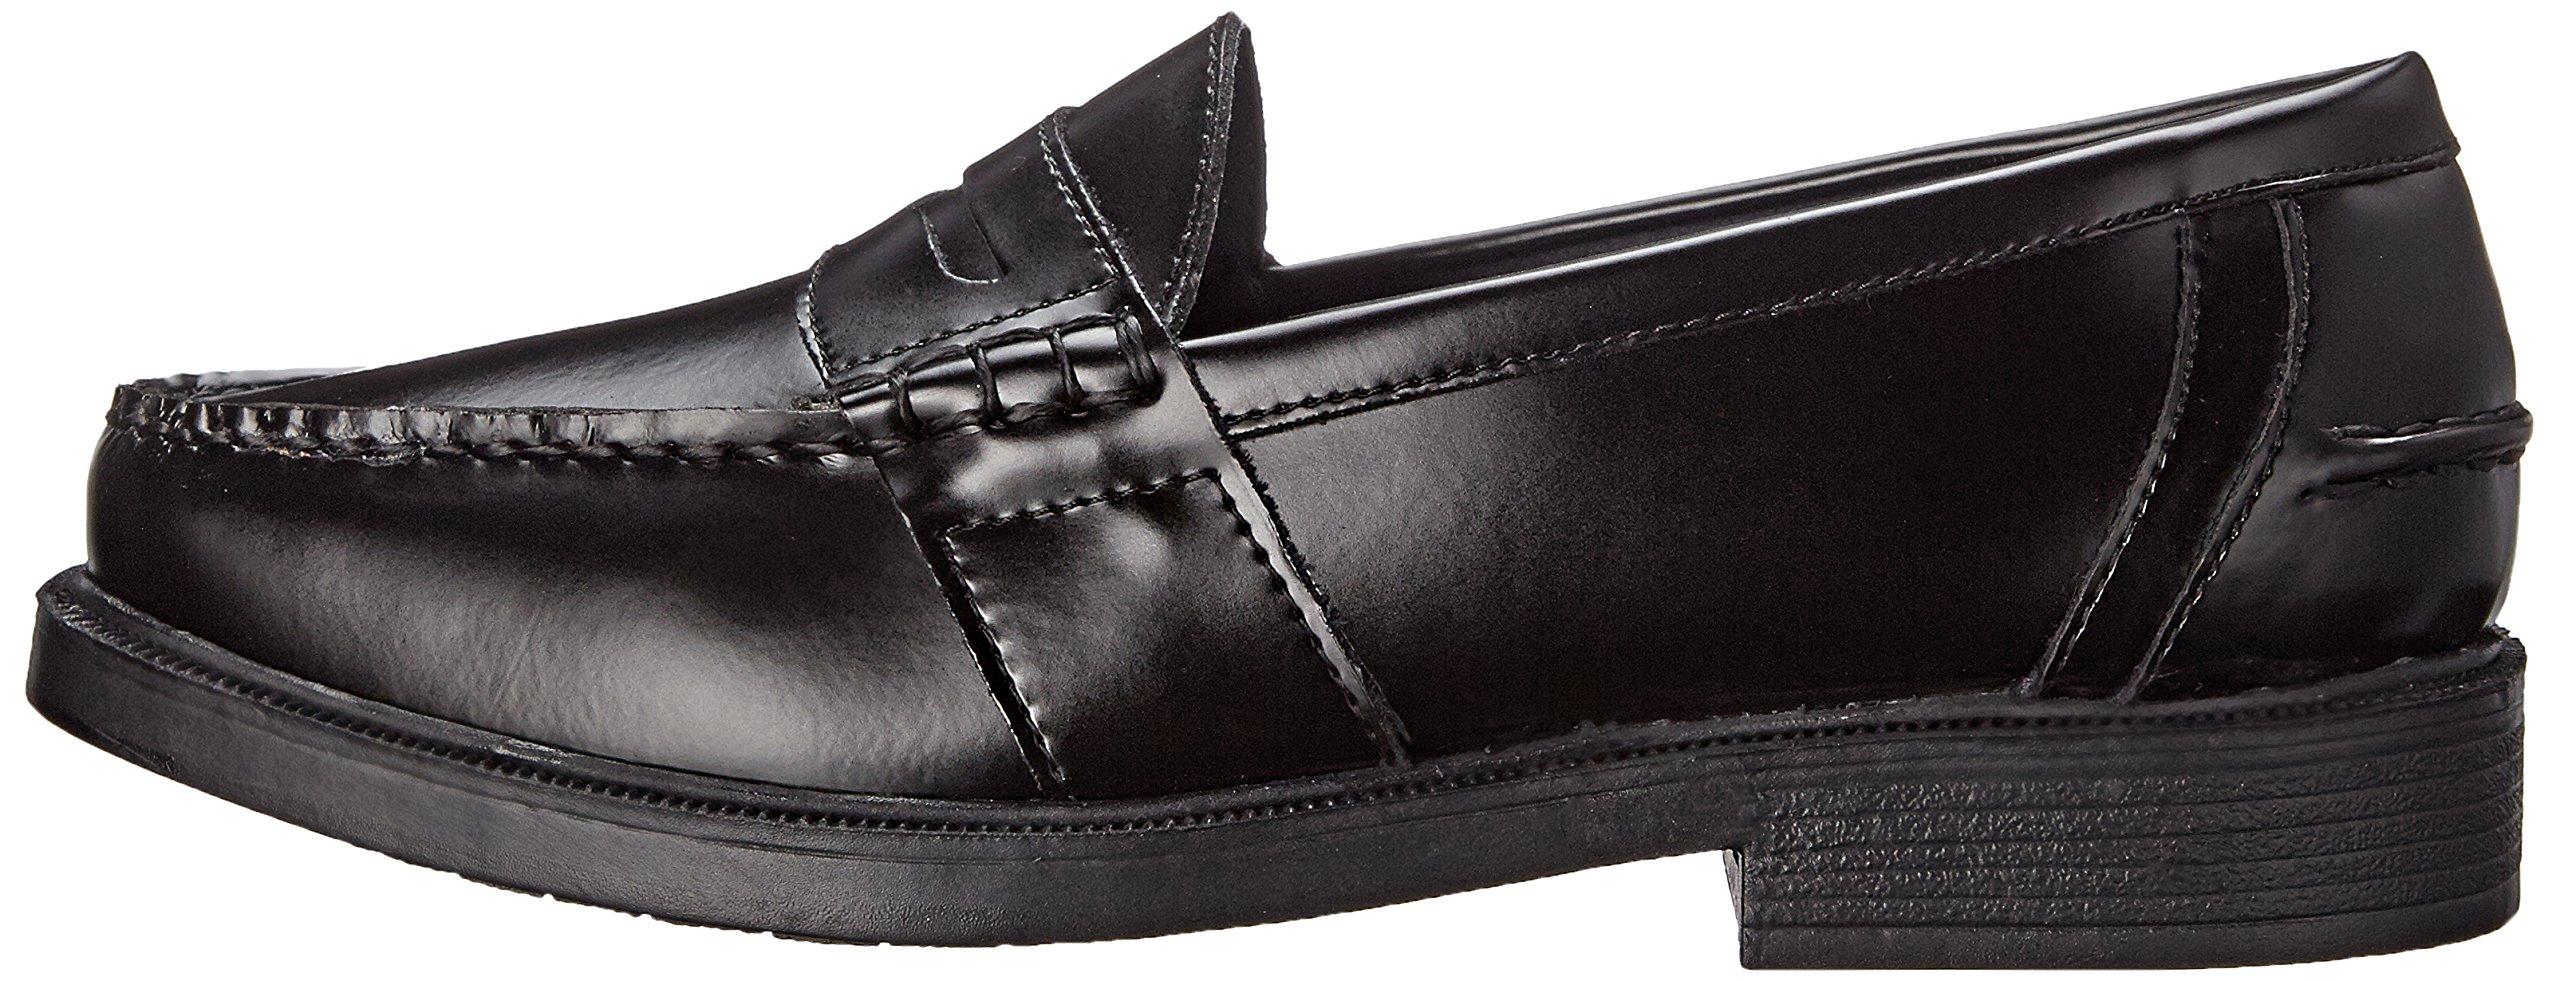 Nunn Bush Men's Lincoln Classic Penny Loafer Slip ...